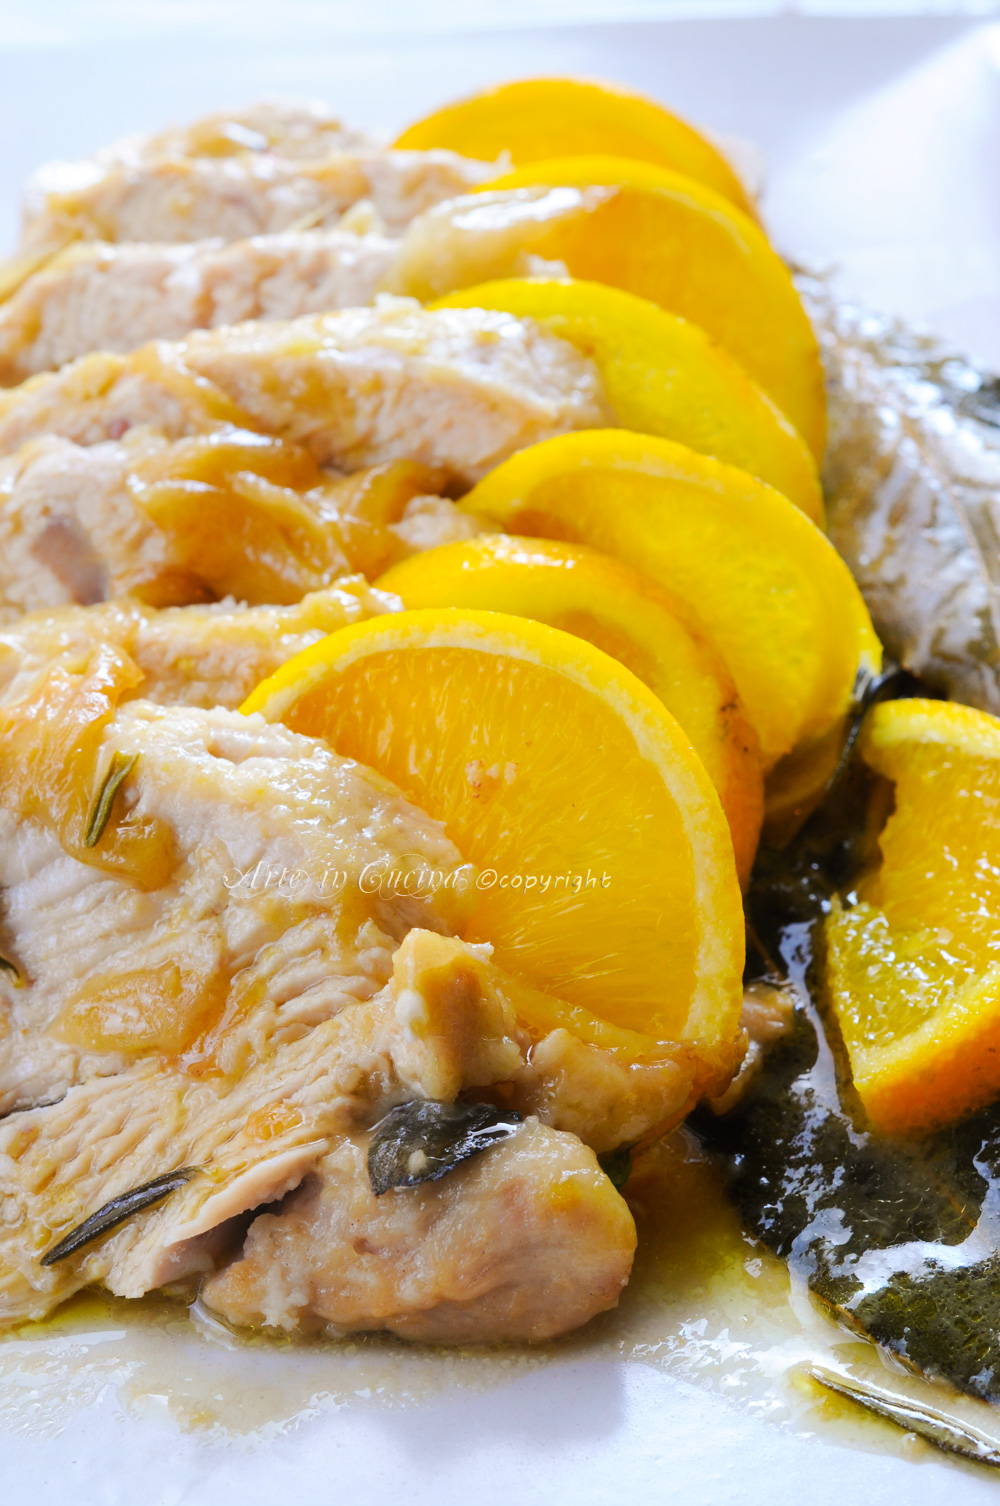 Tacchino all'arancia al forno ricetta facile vickyart arte in cucina